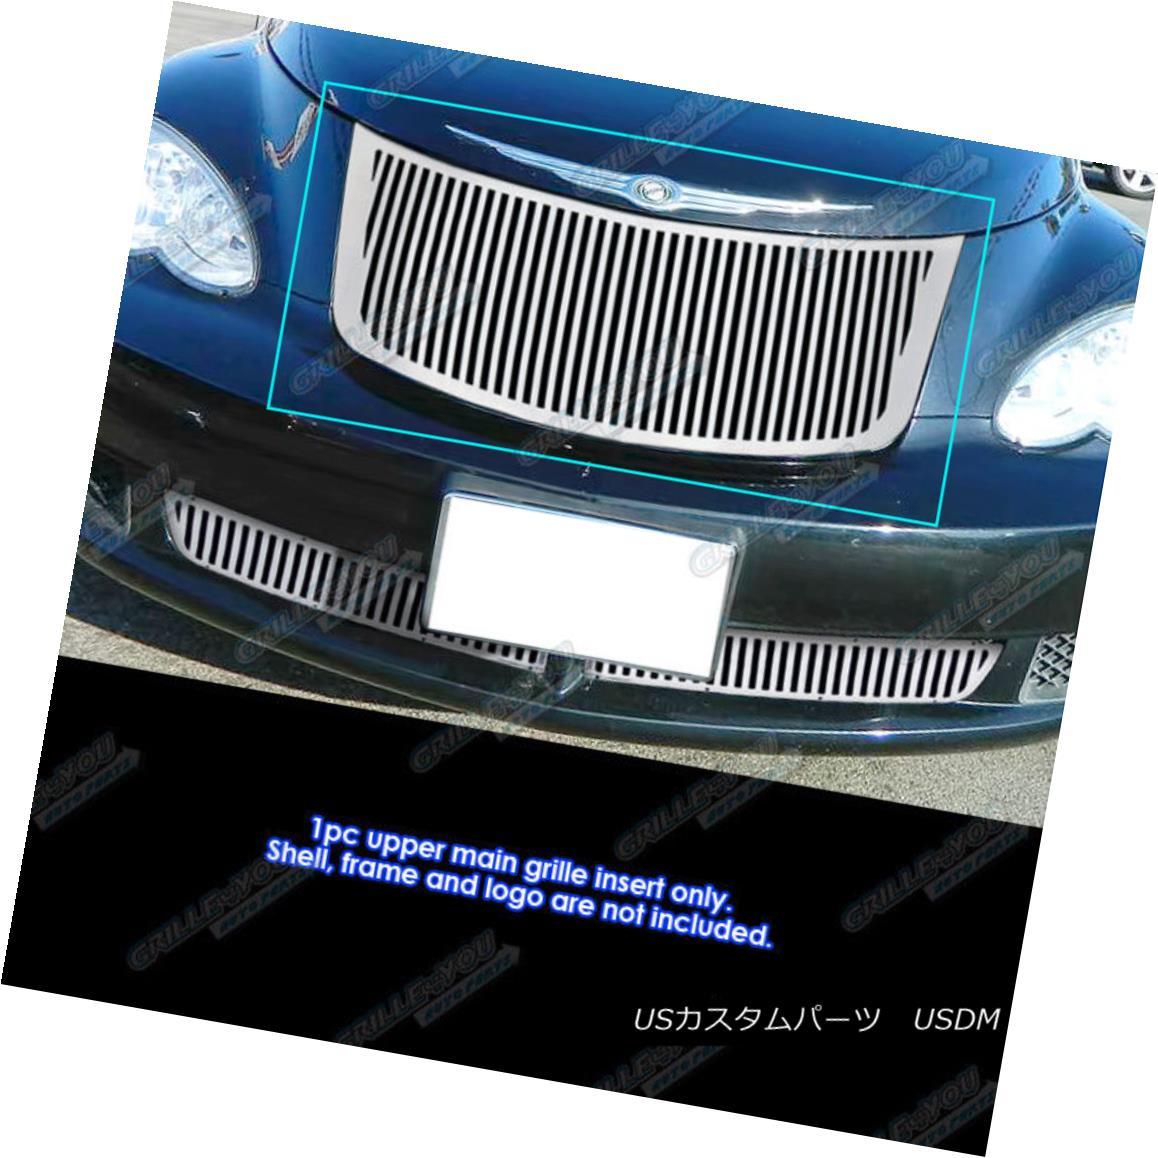 グリル For 2006-2010 Chrysler PT Cruiser Perimeter Vertical Grille Grill Insert 2006-2010クライスラーPTクルーザー周辺垂直グリルグリルインサート用